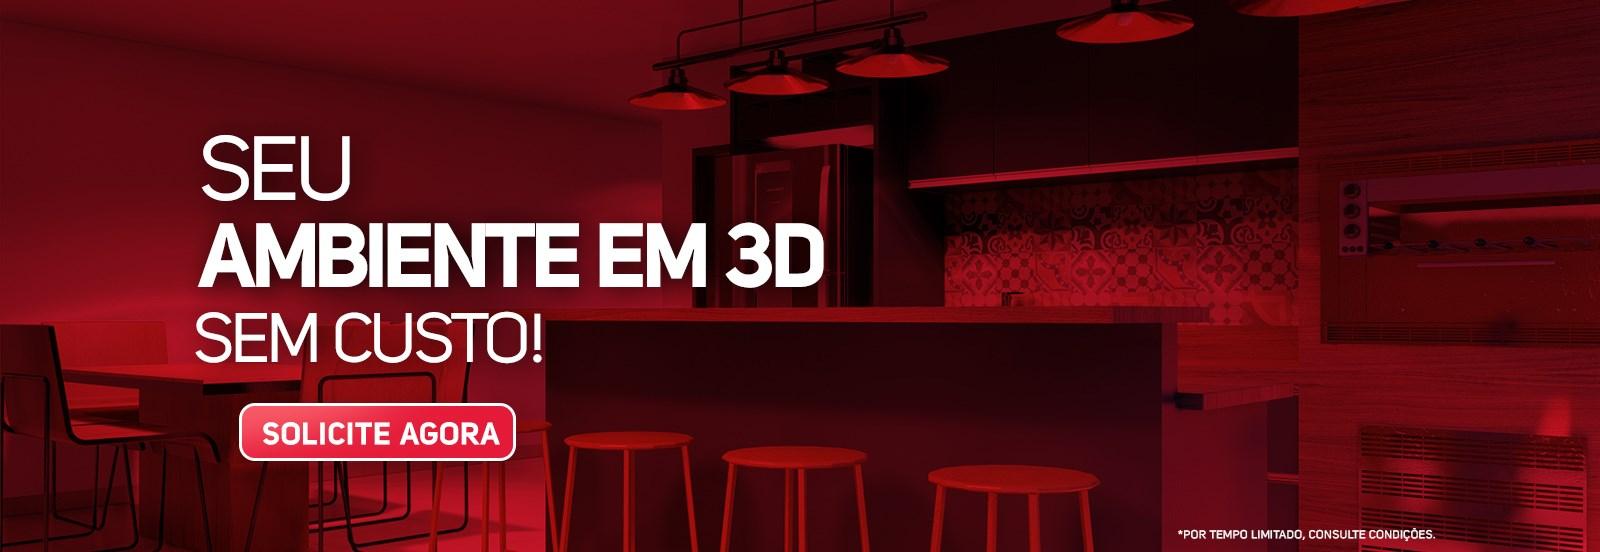 Veja seu ambiente em 3D